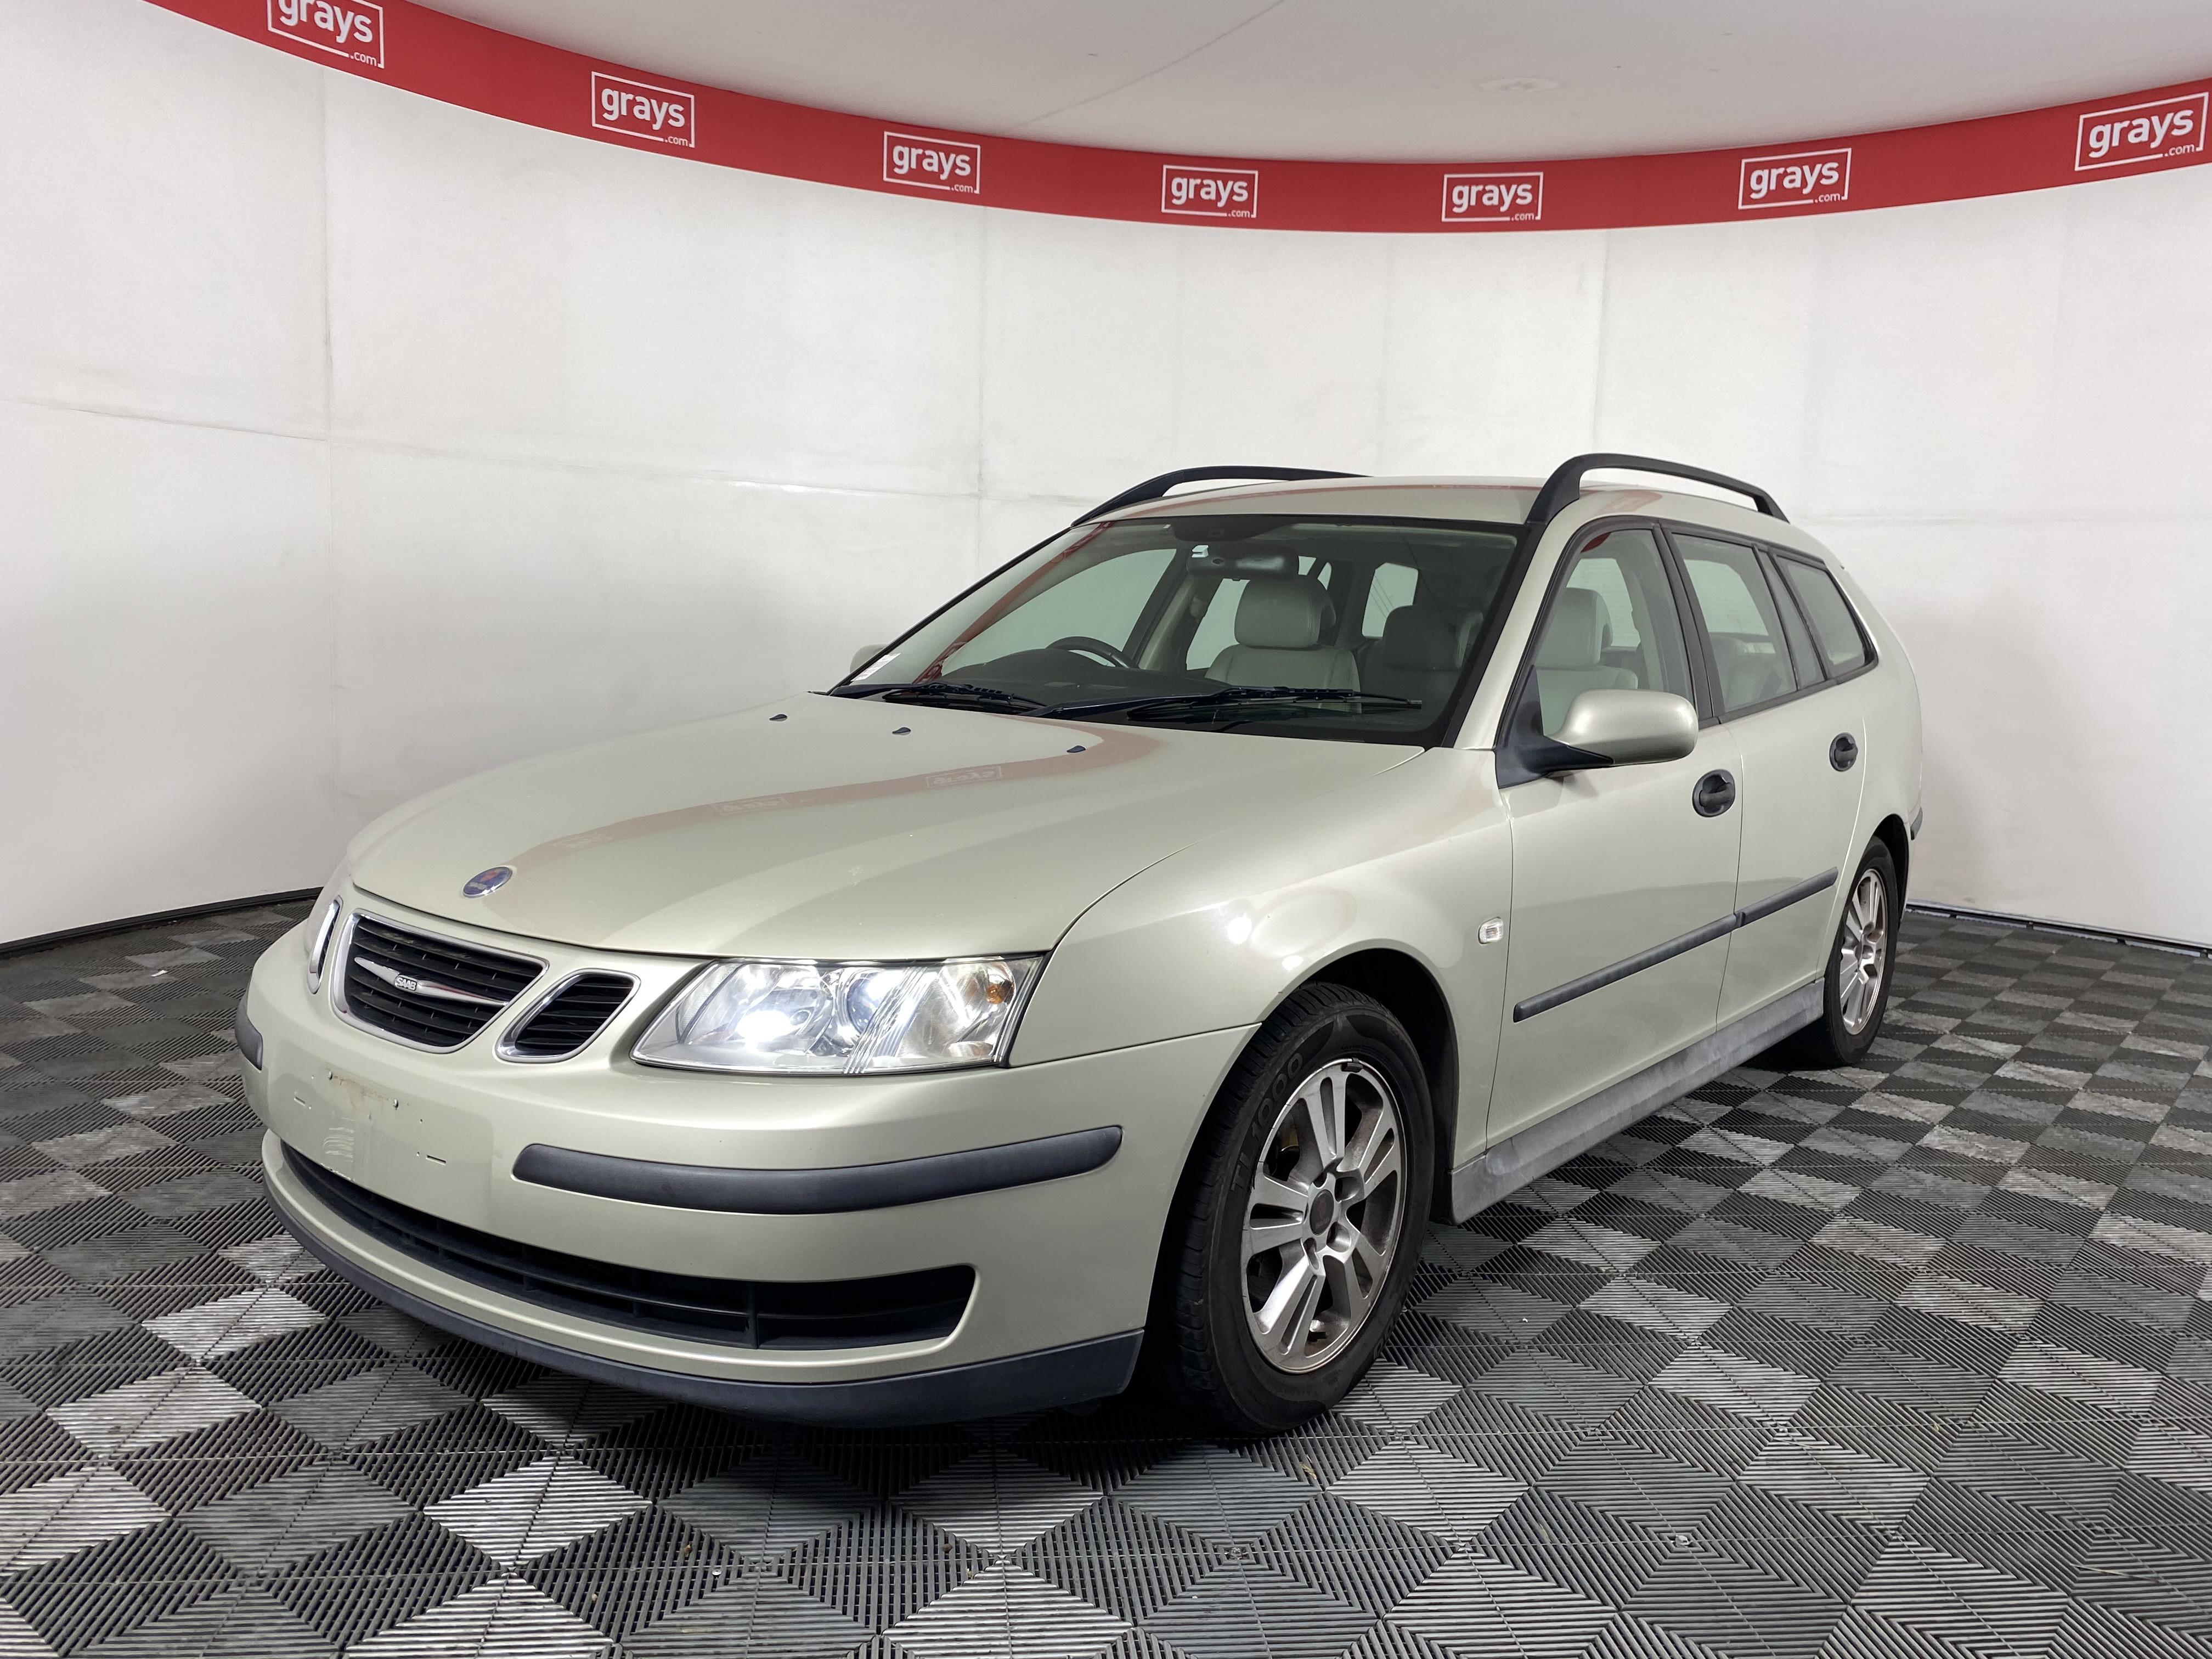 2007 Saab 9-3 LINEAR 1.9TiD Turbo Diesel Auto Wagon (WOVR - Inspected)